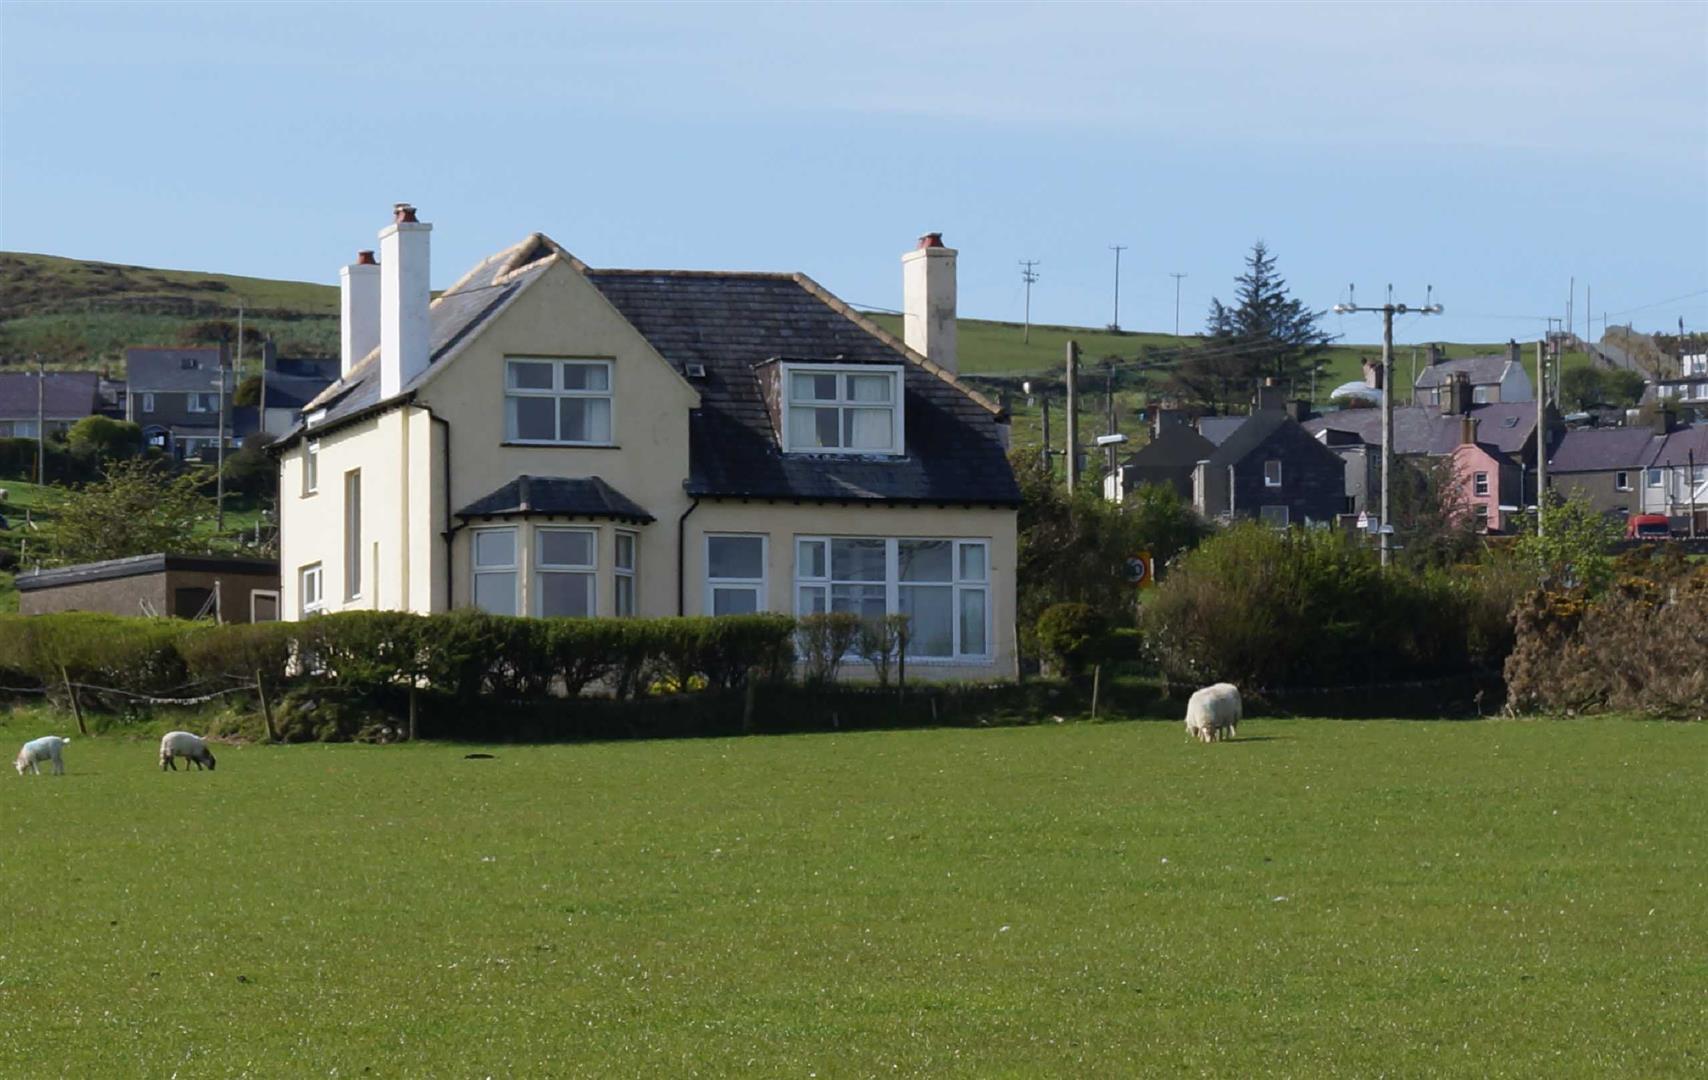 Llithfaen - £159,950/Offers over